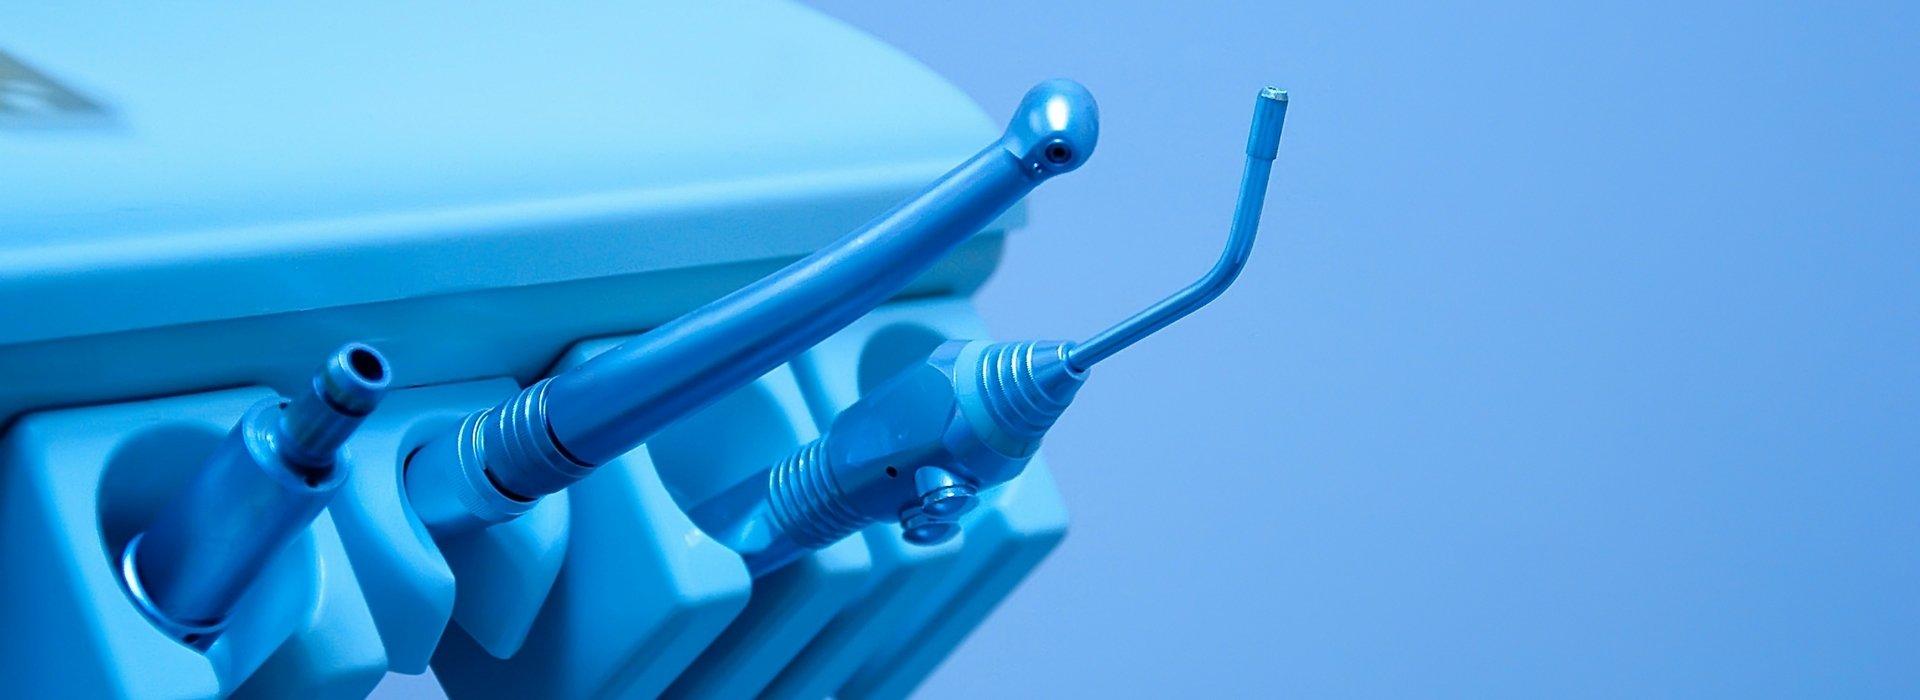 Zahnextraktion – Zahnärztliche Behandlungen in Budapest